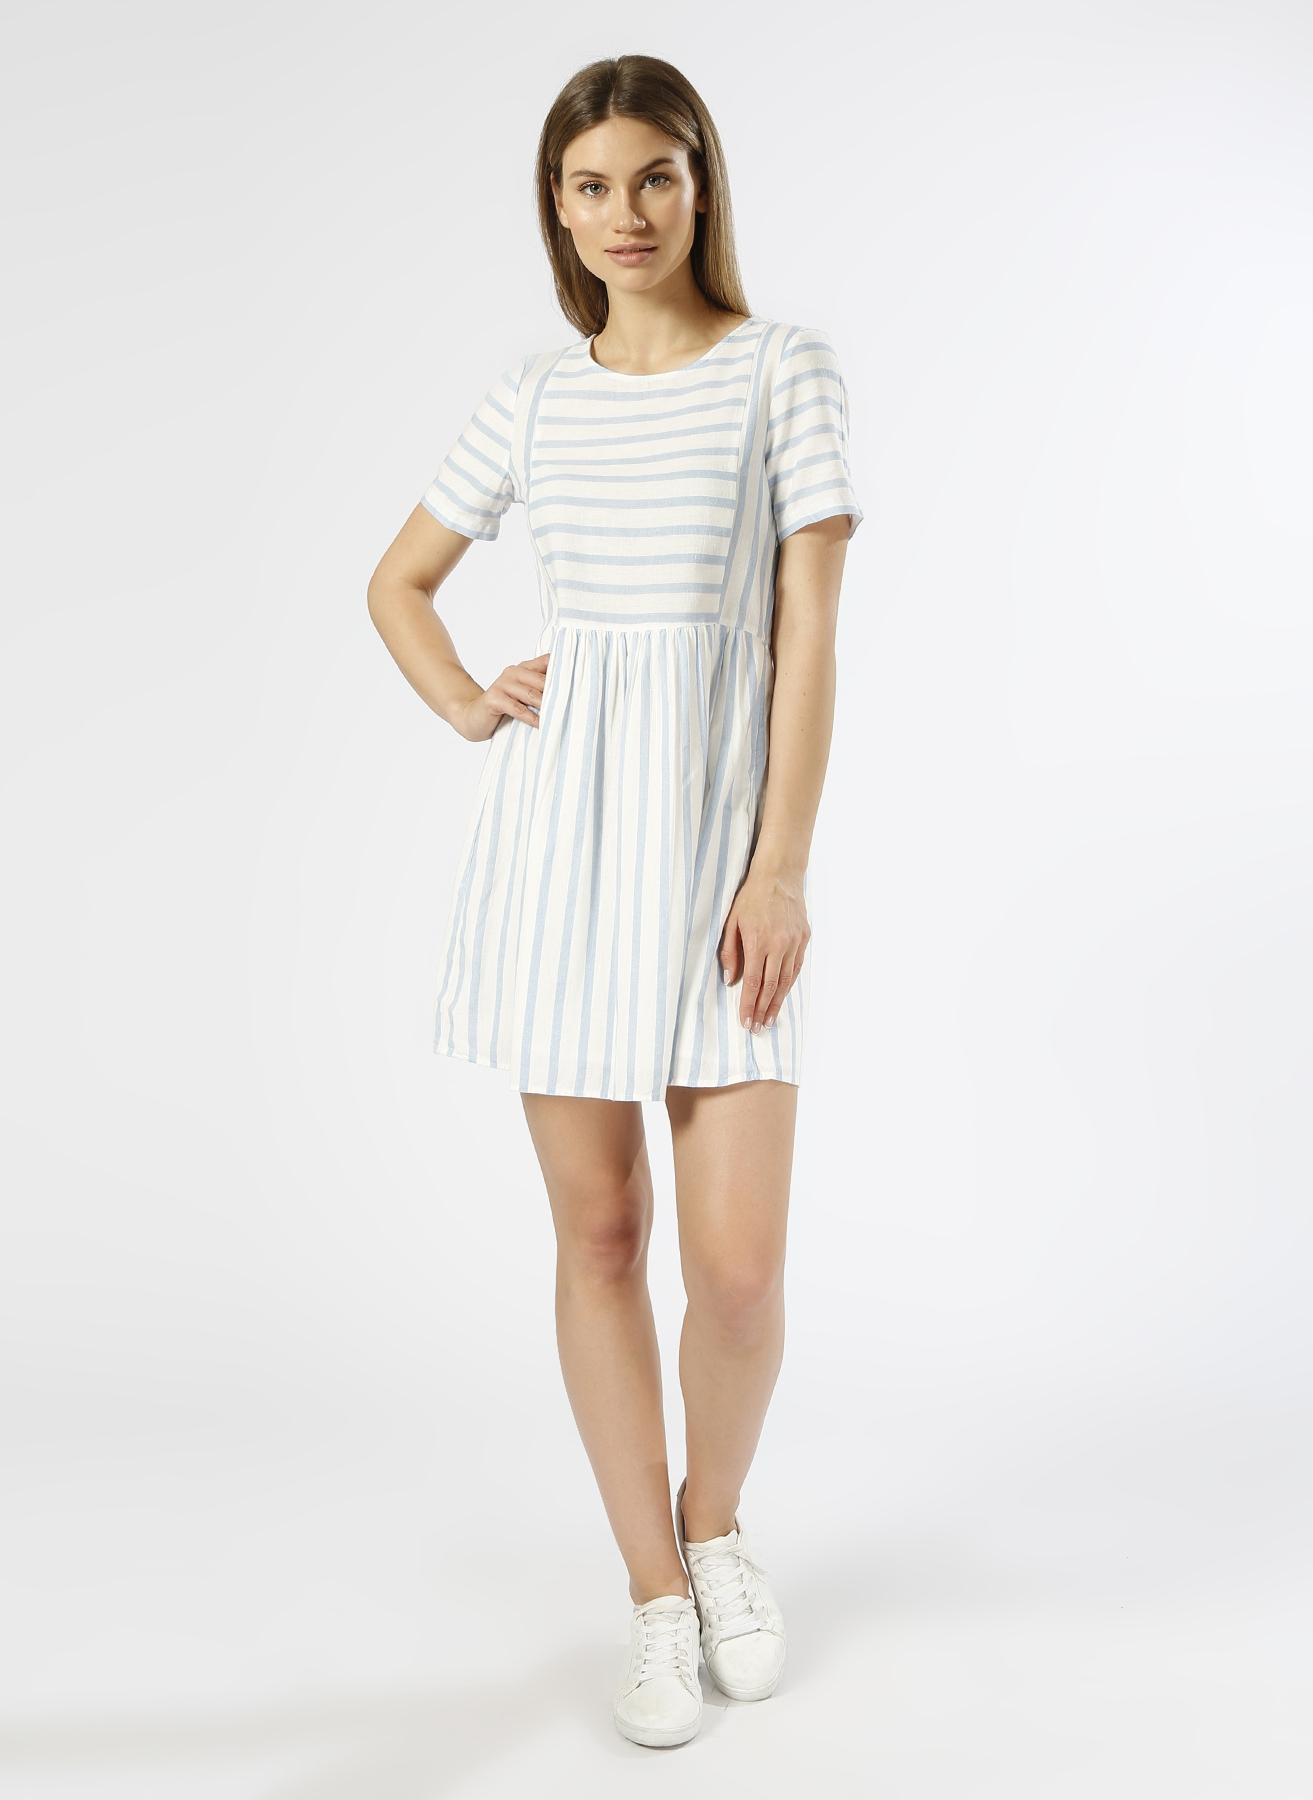 Vero Moda Keten Çizgili Mavi - Beyaz Elbise M 5000196053002 Ürün Resmi